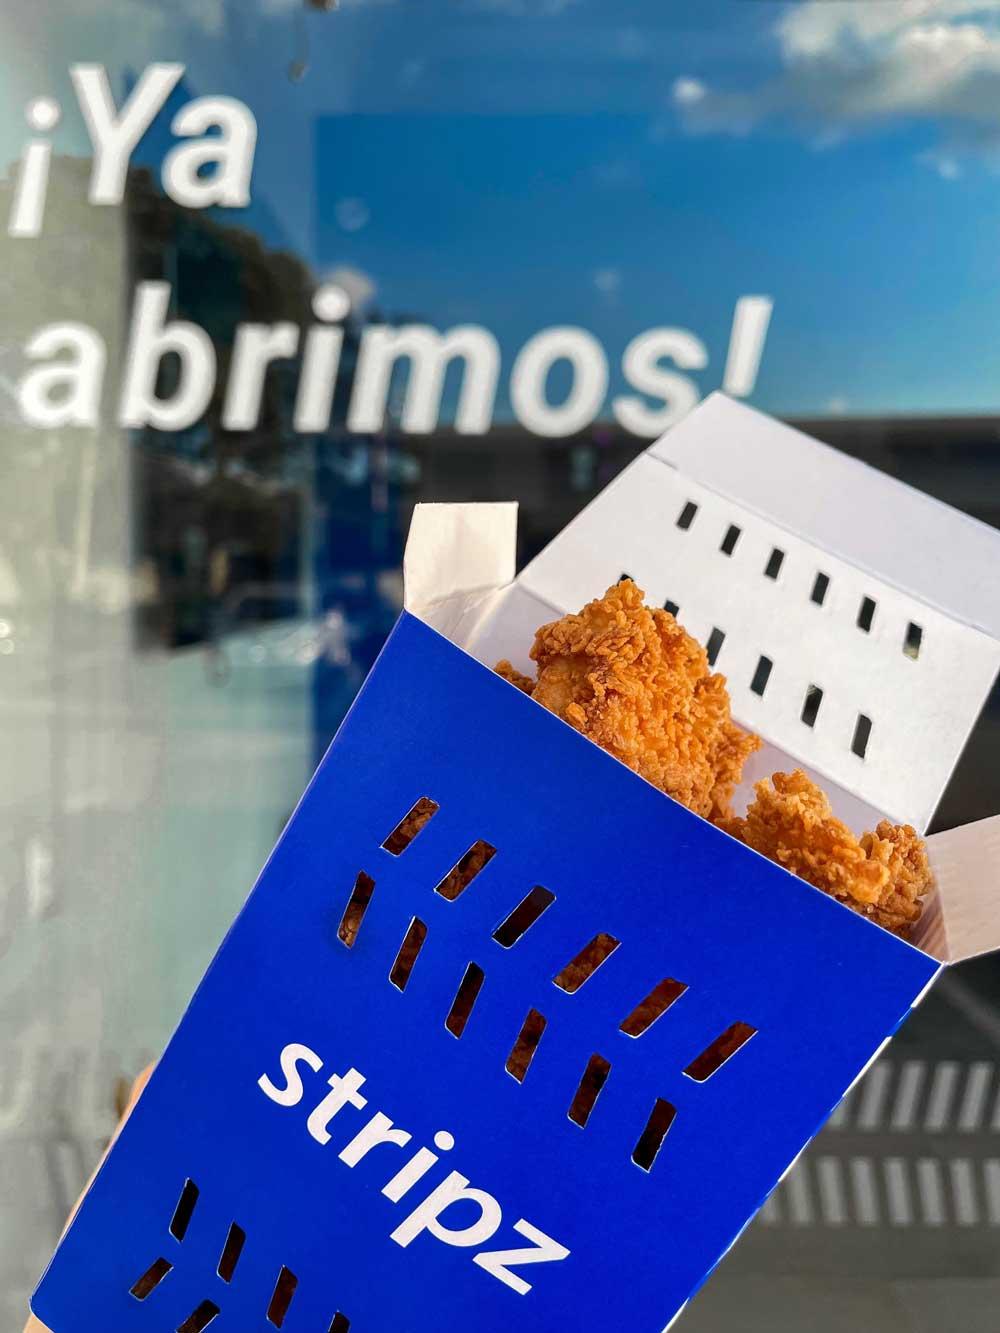 En su nuevo local, los visitantes encontrarán los afamados Stripz de pollo, sus crujientes papas fritas y extraordinarias salsas, y también dos propuestas nuevas.